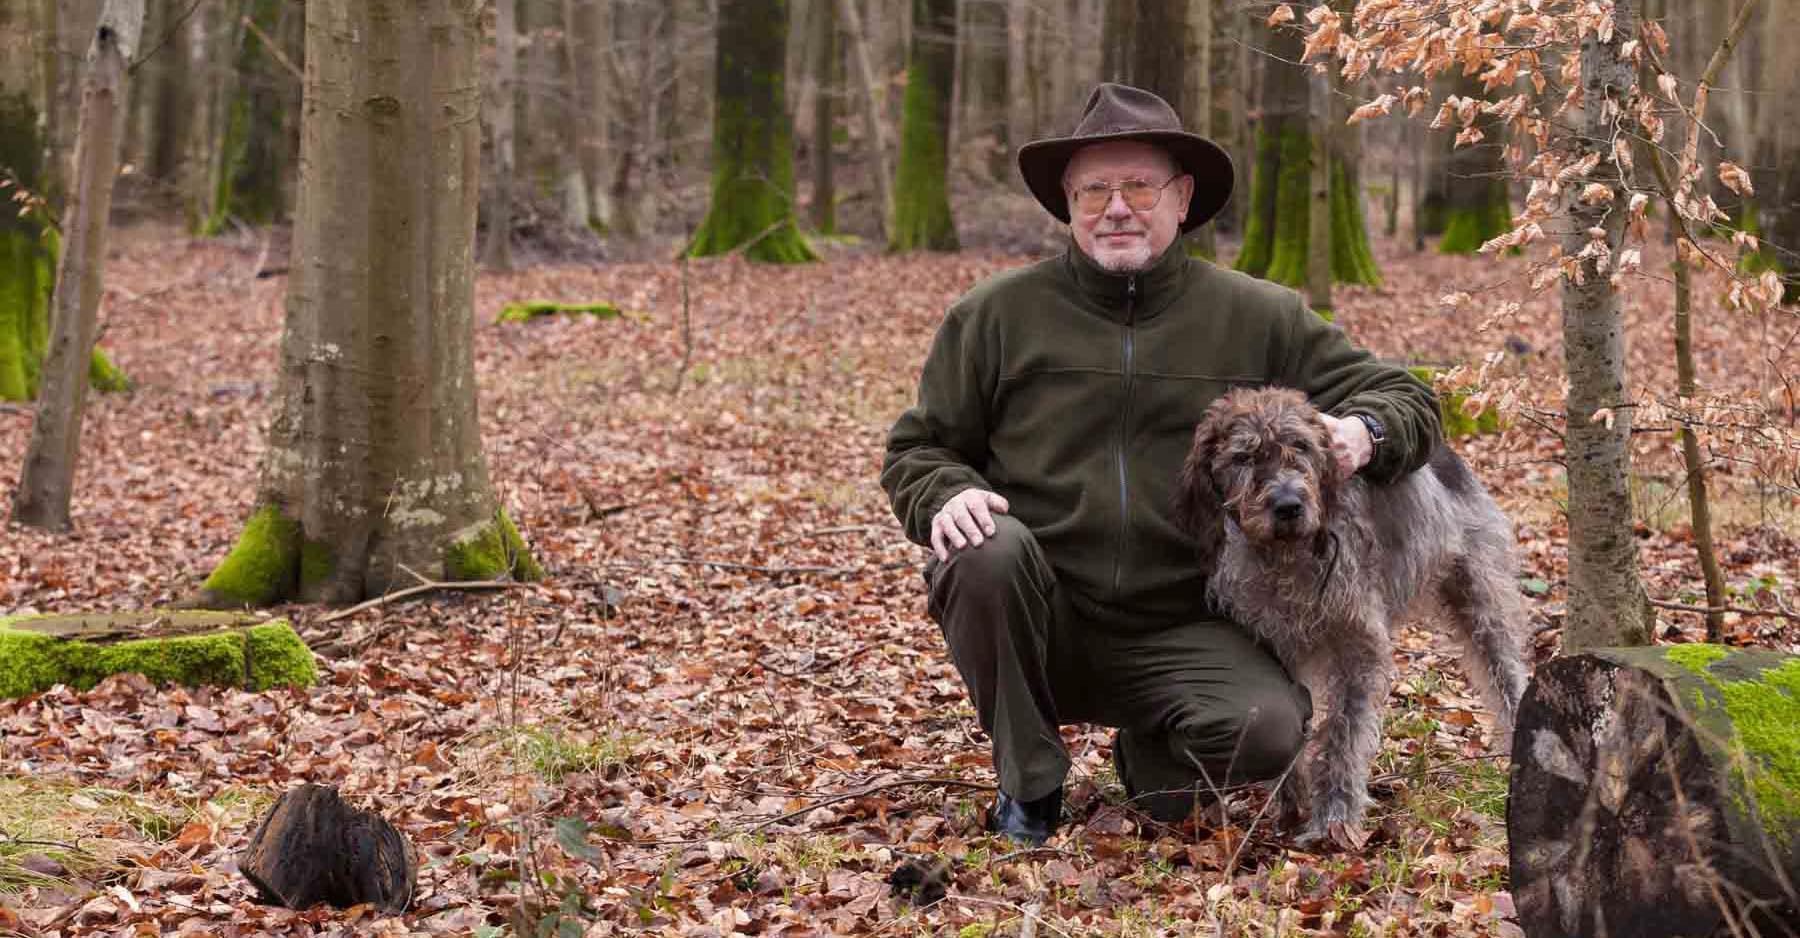 """Wölfe stehen hoch im Kurs. In seinem neuen Krimi """"Auf Wölfe schießt man nicht"""", nimmt der Boostedter Autor Heinz-Dietmar Lütje das Thema aufs Korn"""